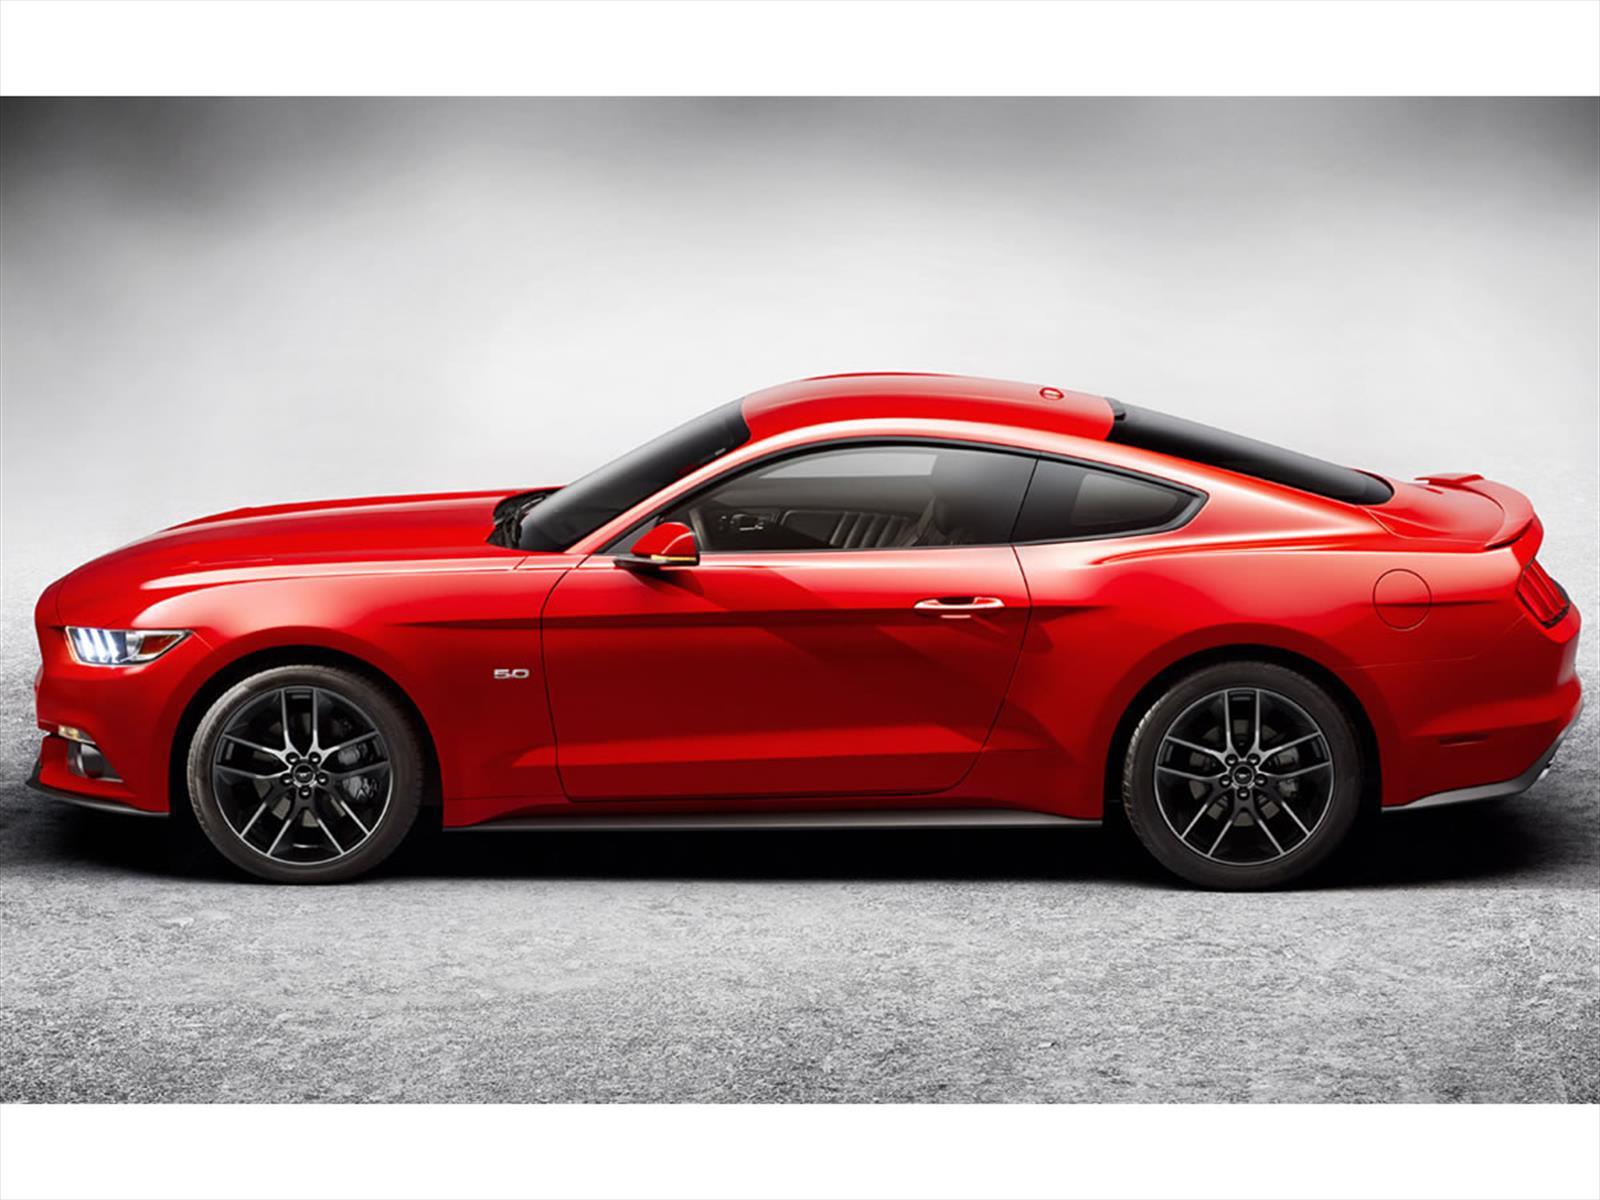 ¿El nuevo Ford Mustang 2015 está inspirado en un concepto ...